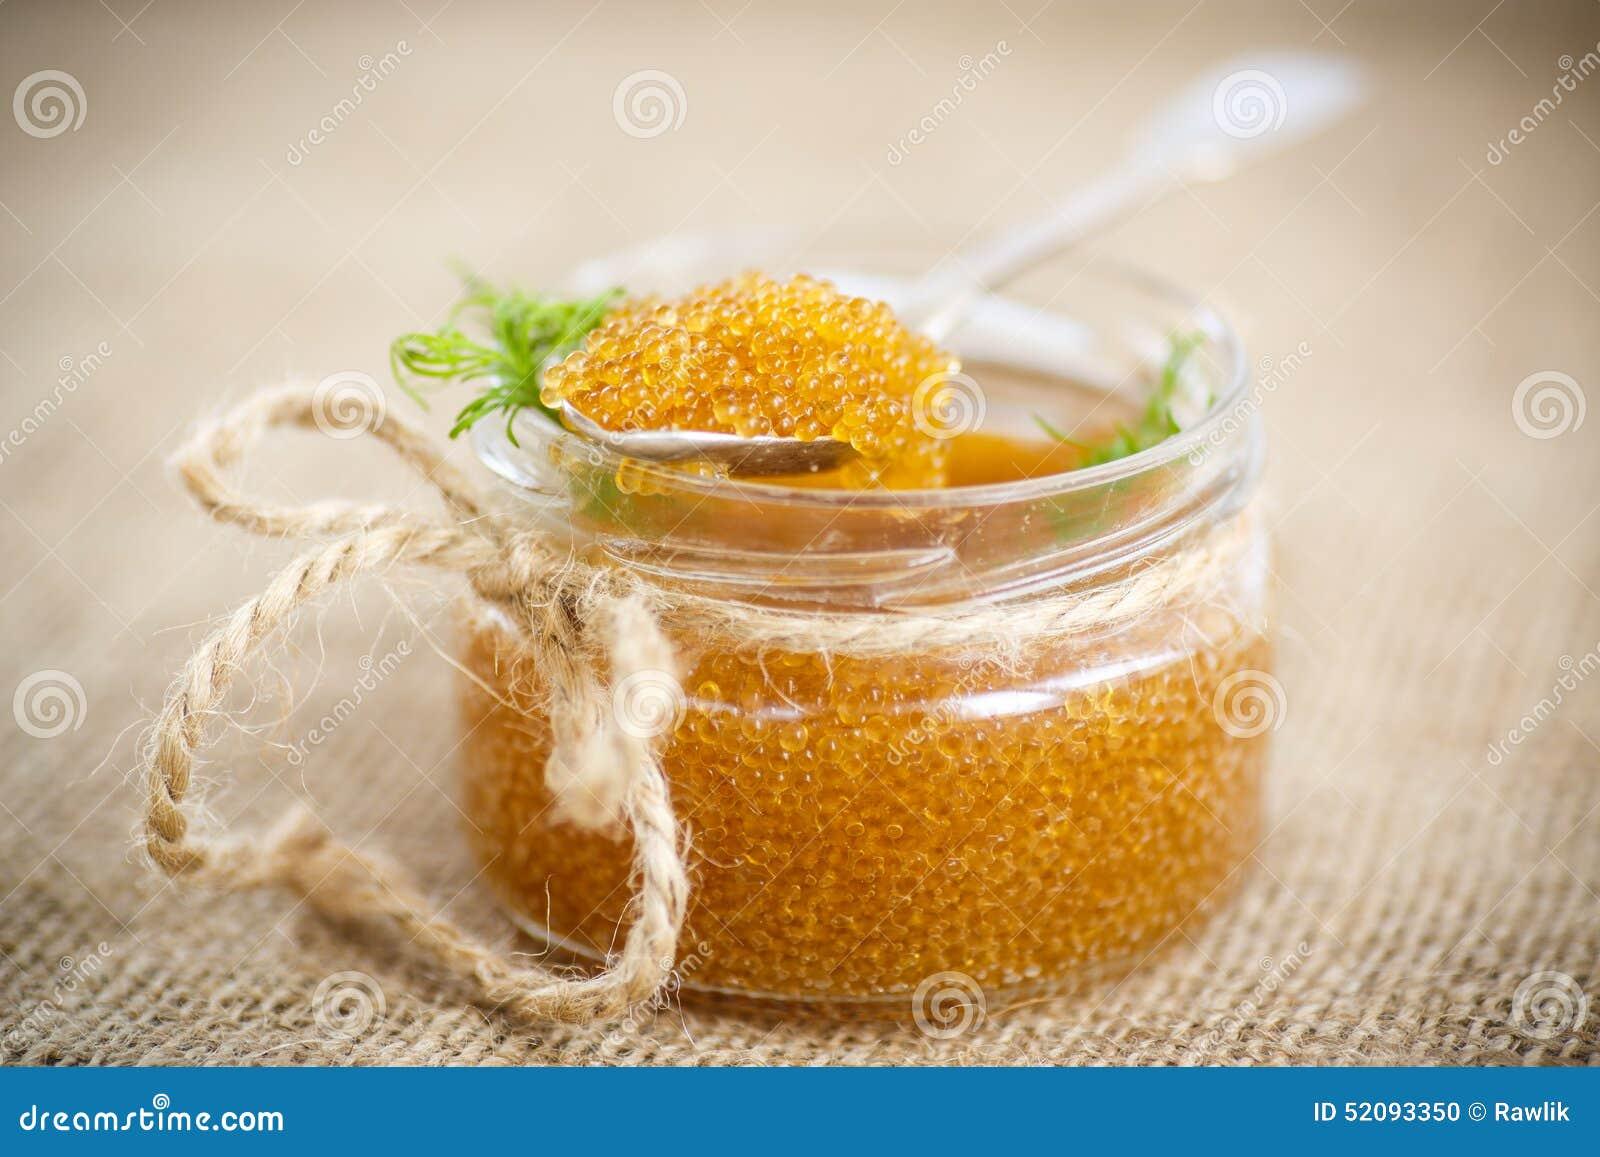 Royal table: pike caviar, cooking 90